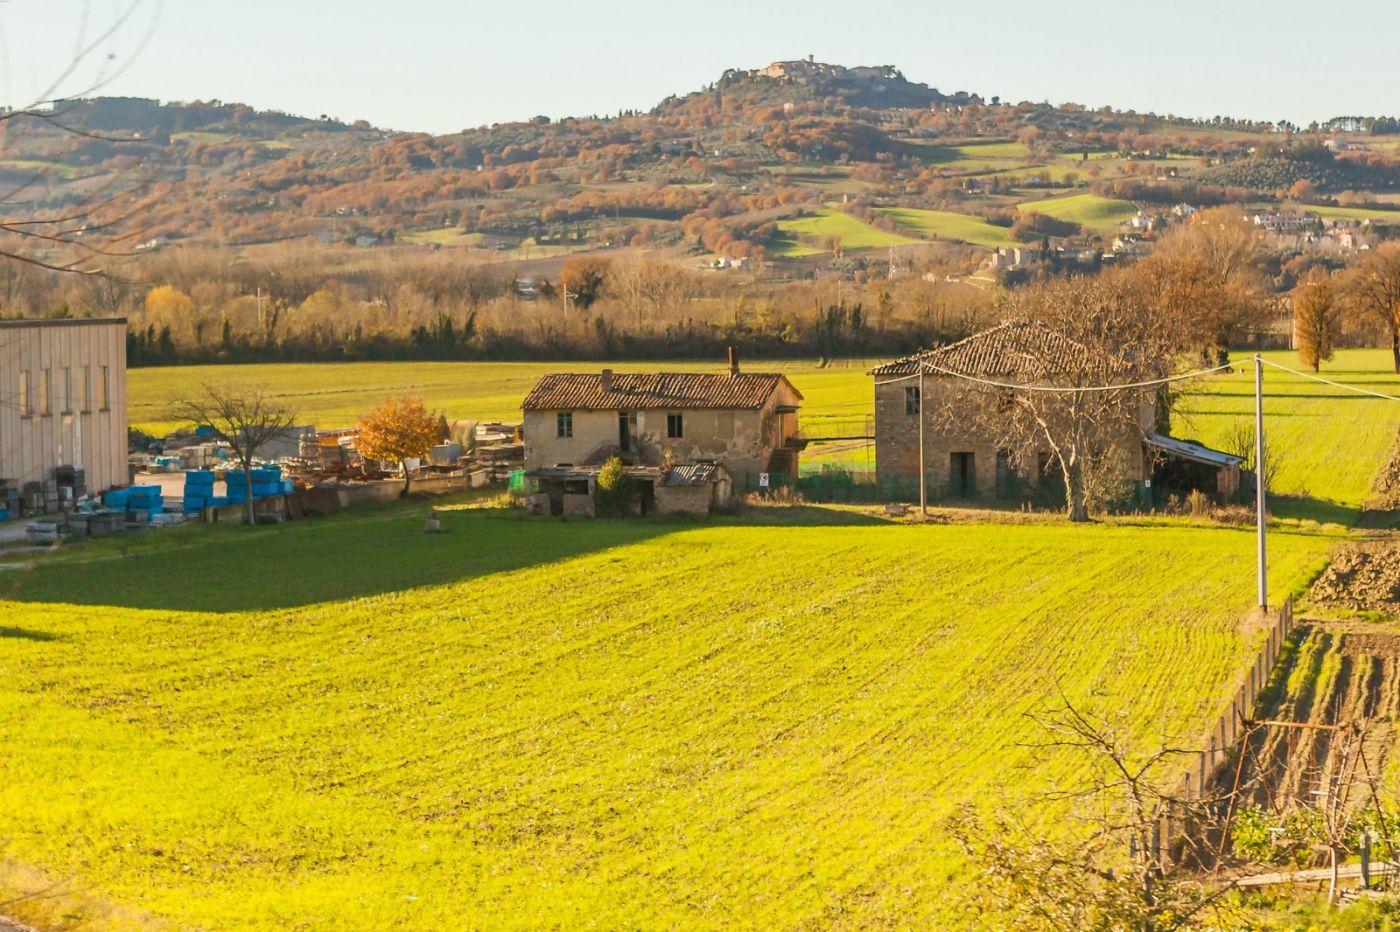 意大利路途,这就是乡村生活?_图1-3